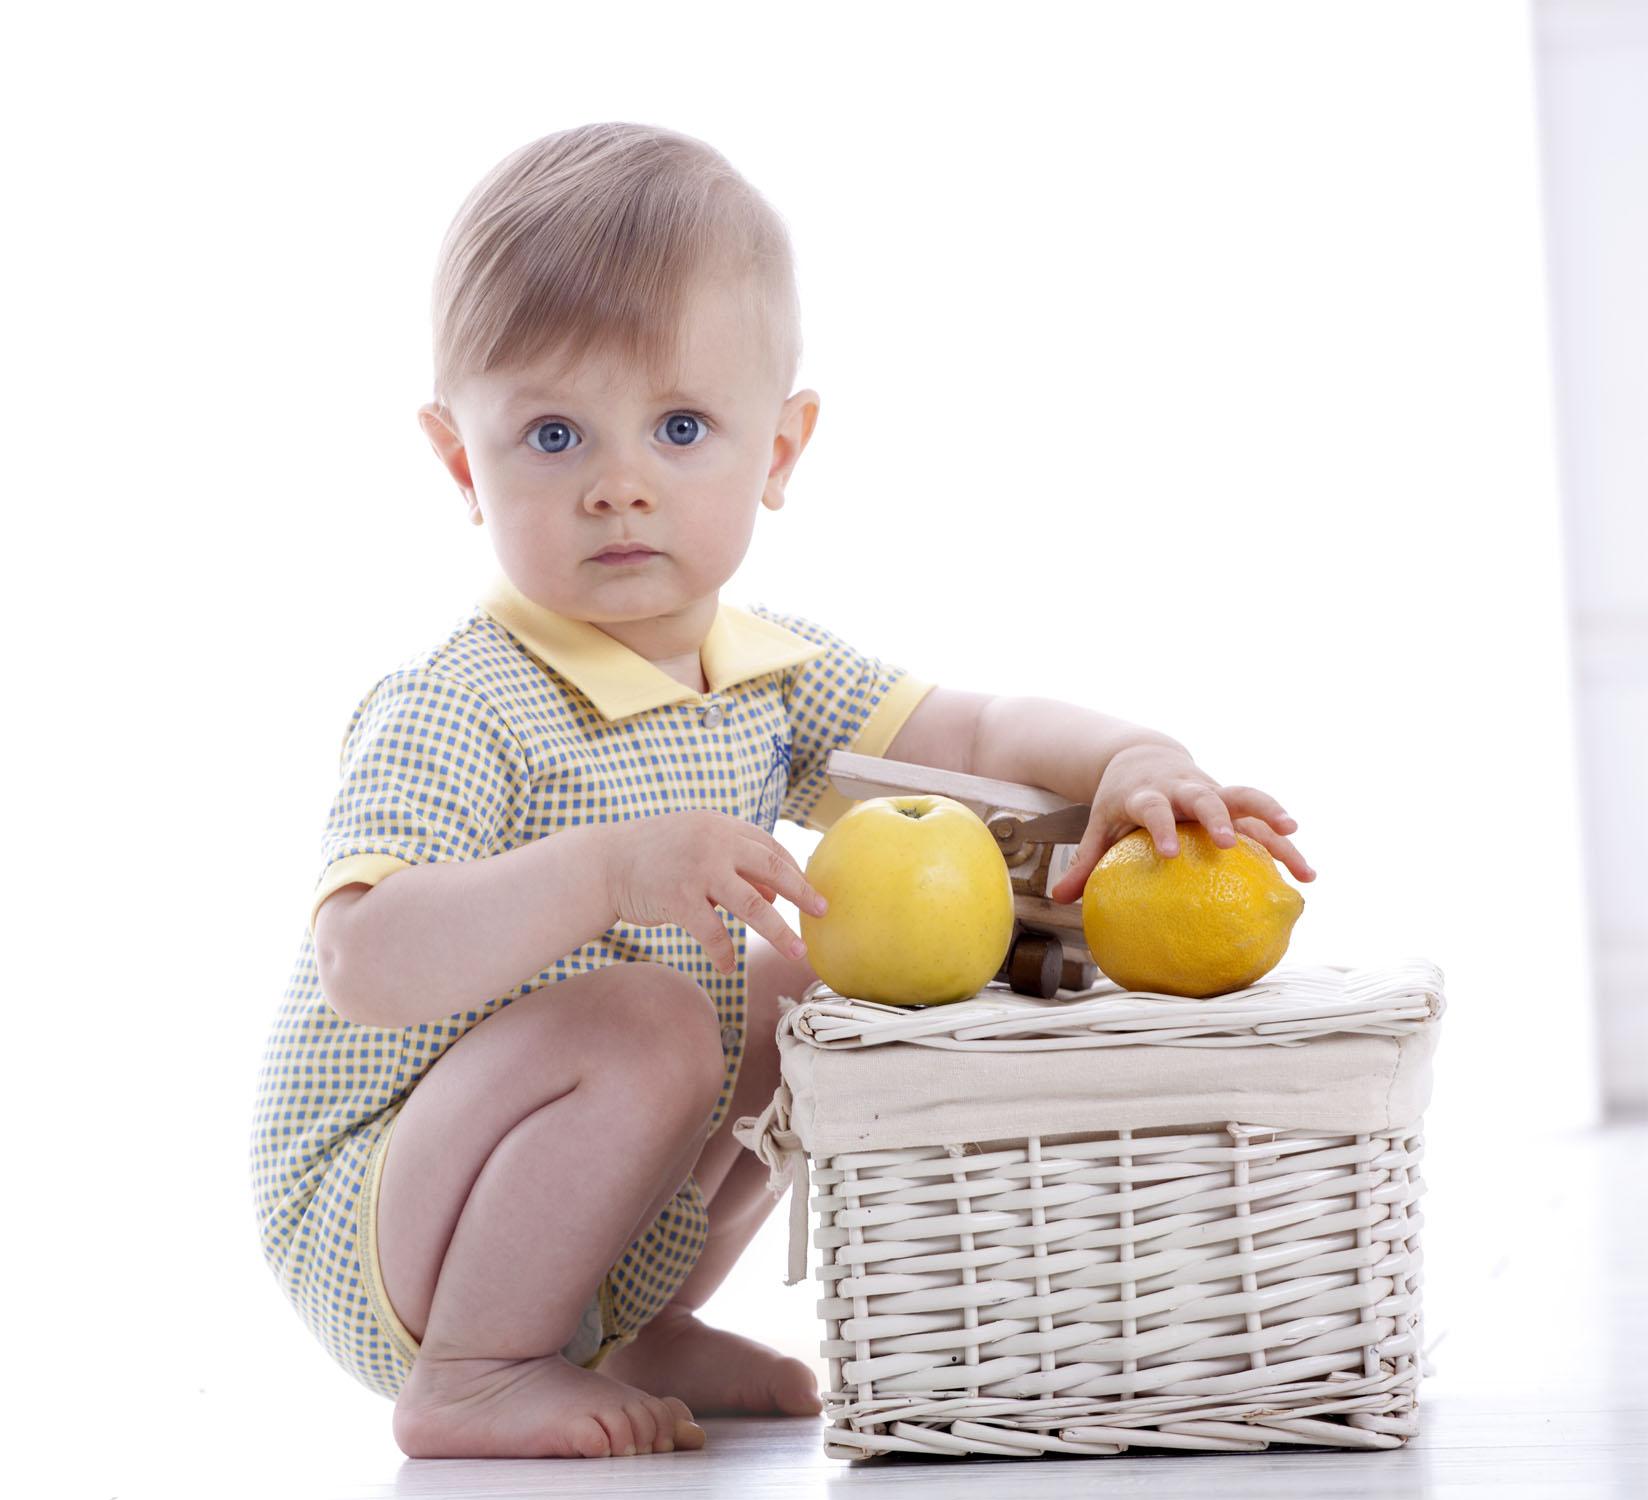 Сбор заказов. Детская дизайнерская одежда Мамуляндия для малышей 0+ до 92 размера. Новые яркие коллекции.Выкуп-7. Без